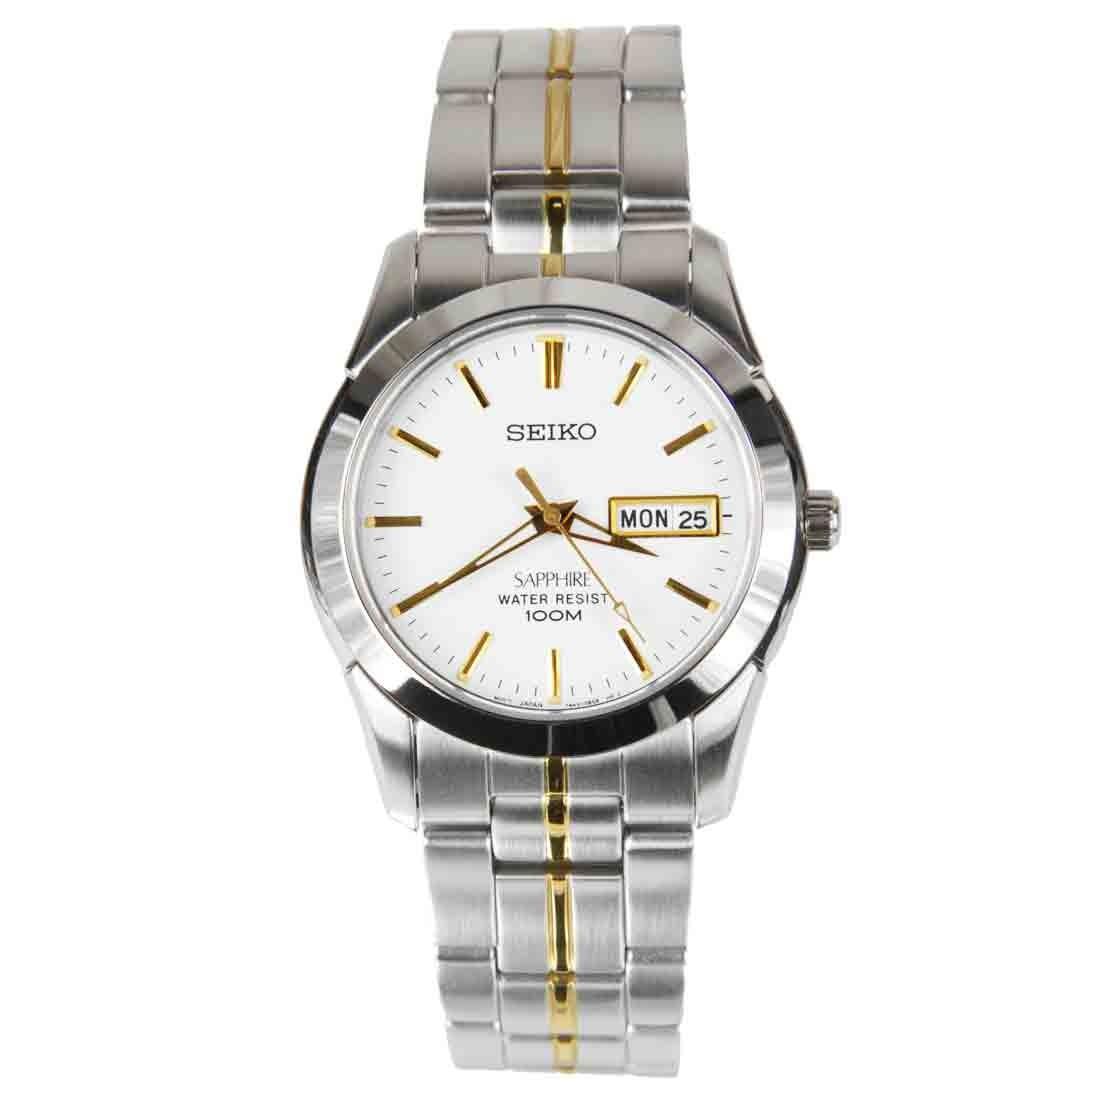 นาฬิกา SGG719P1 SEIKO quartz sapphire